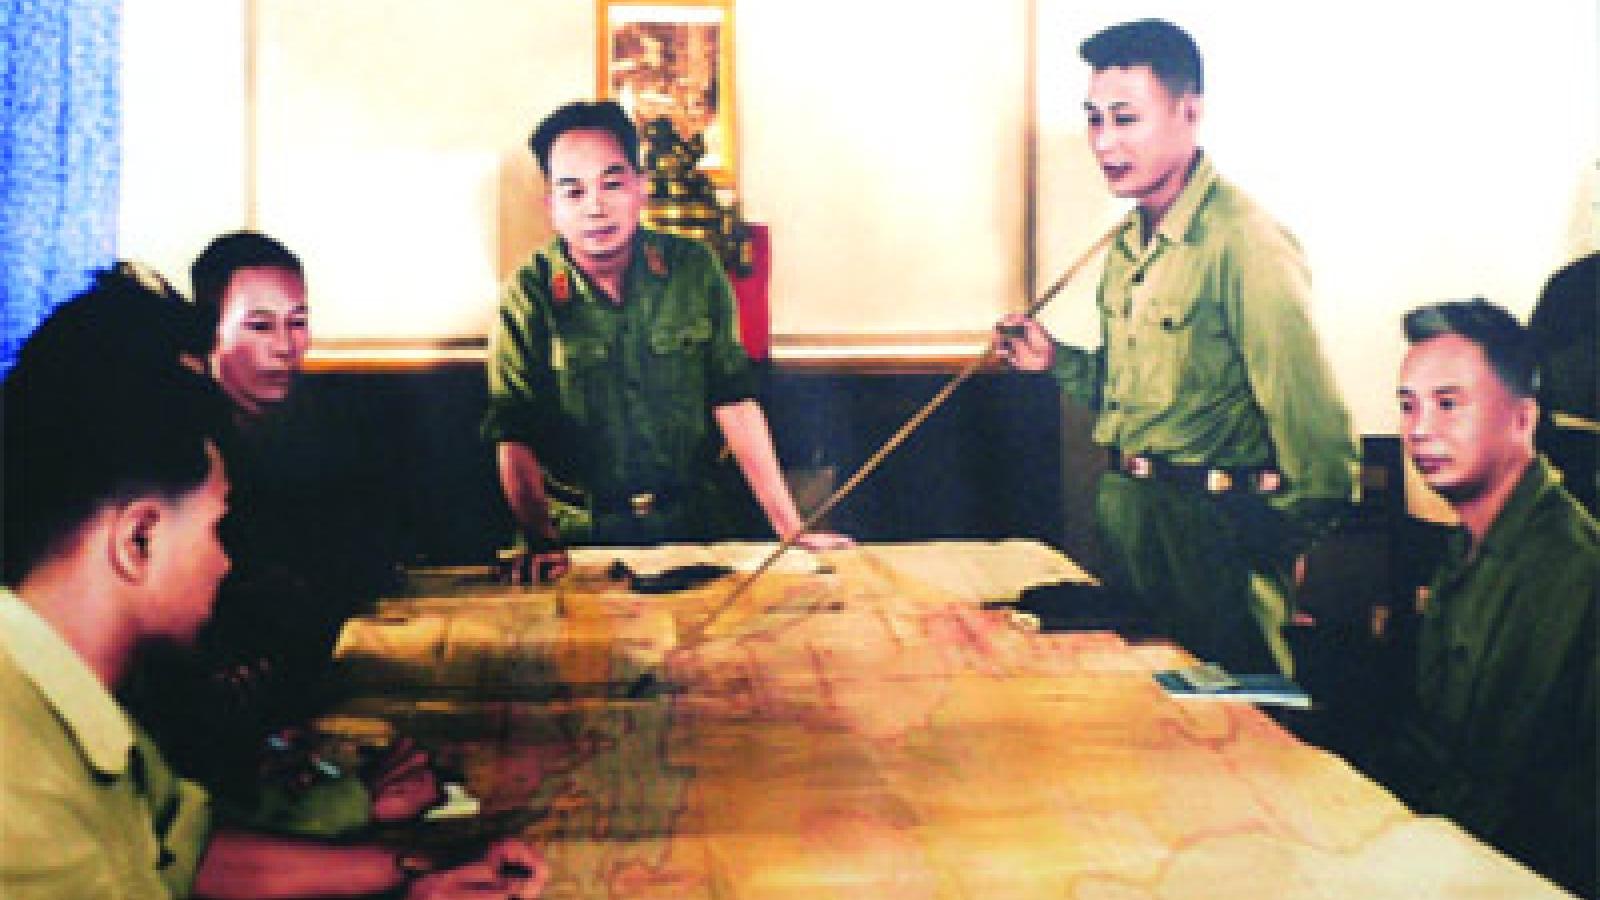 50 năm chiến thắng Đường 9 - Nam Lào: Sức mạnh tình đoàn kết 3 nước Đông Dương